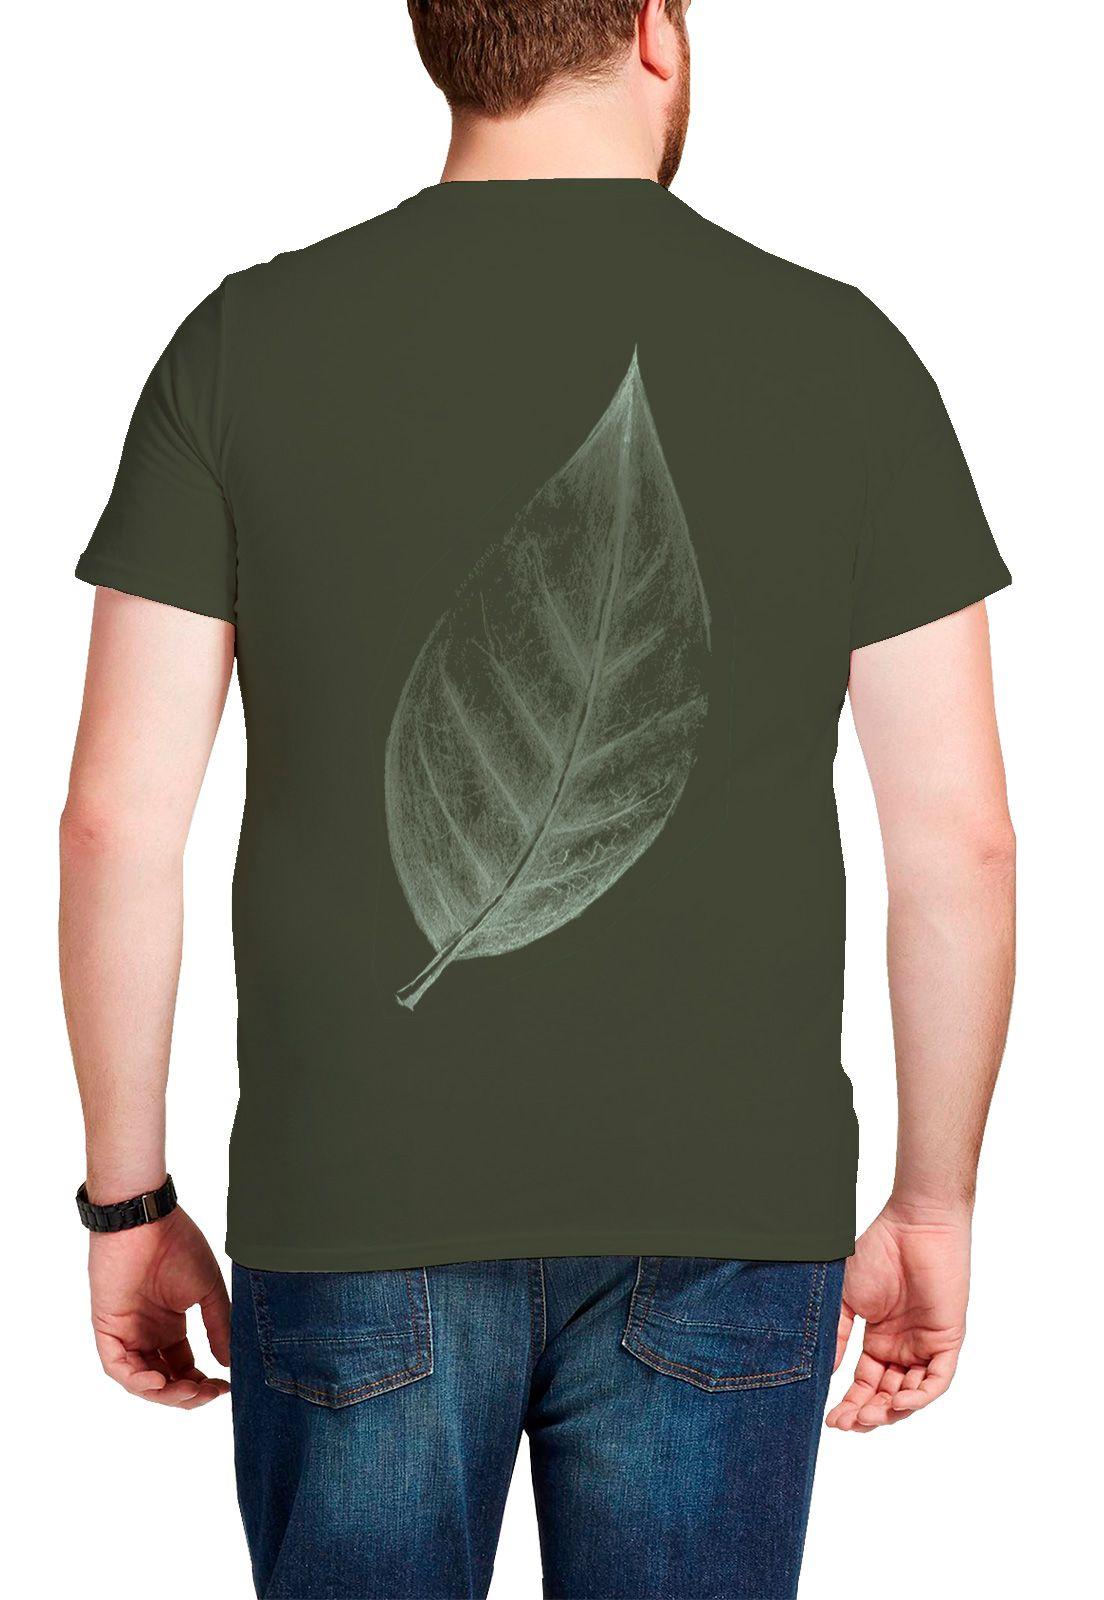 Camiseta Amazônia Big Leaf - Verde Escuro